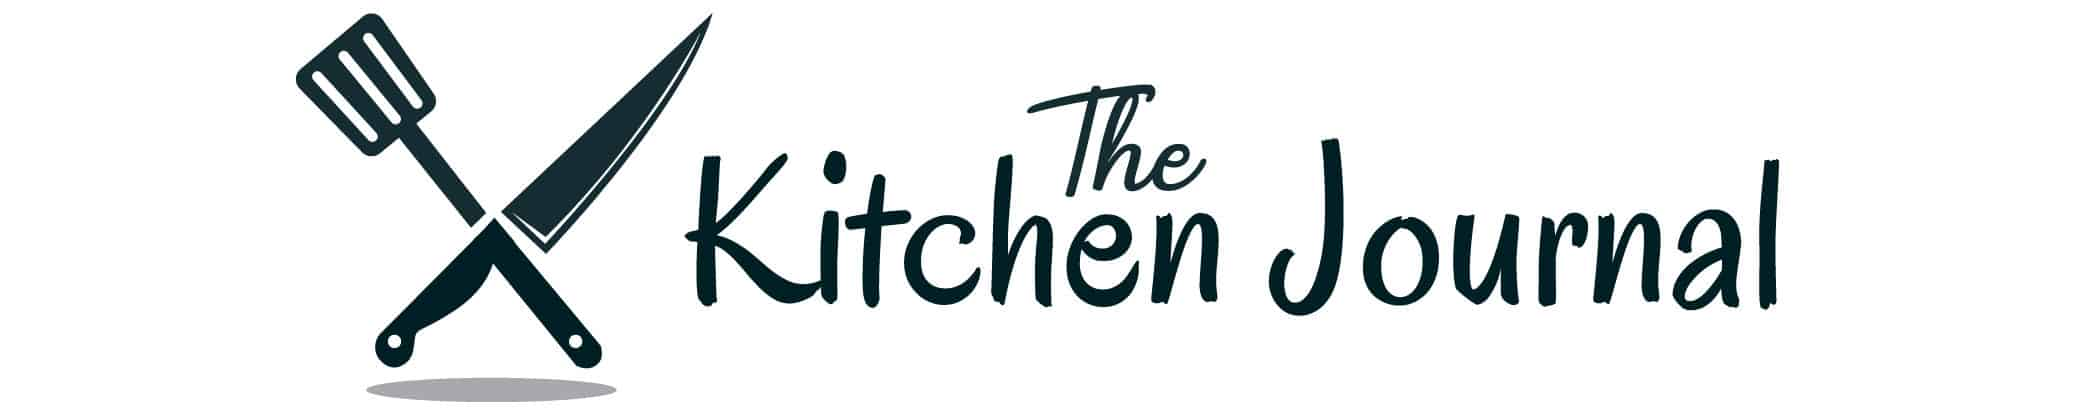 The Kitchen Journal